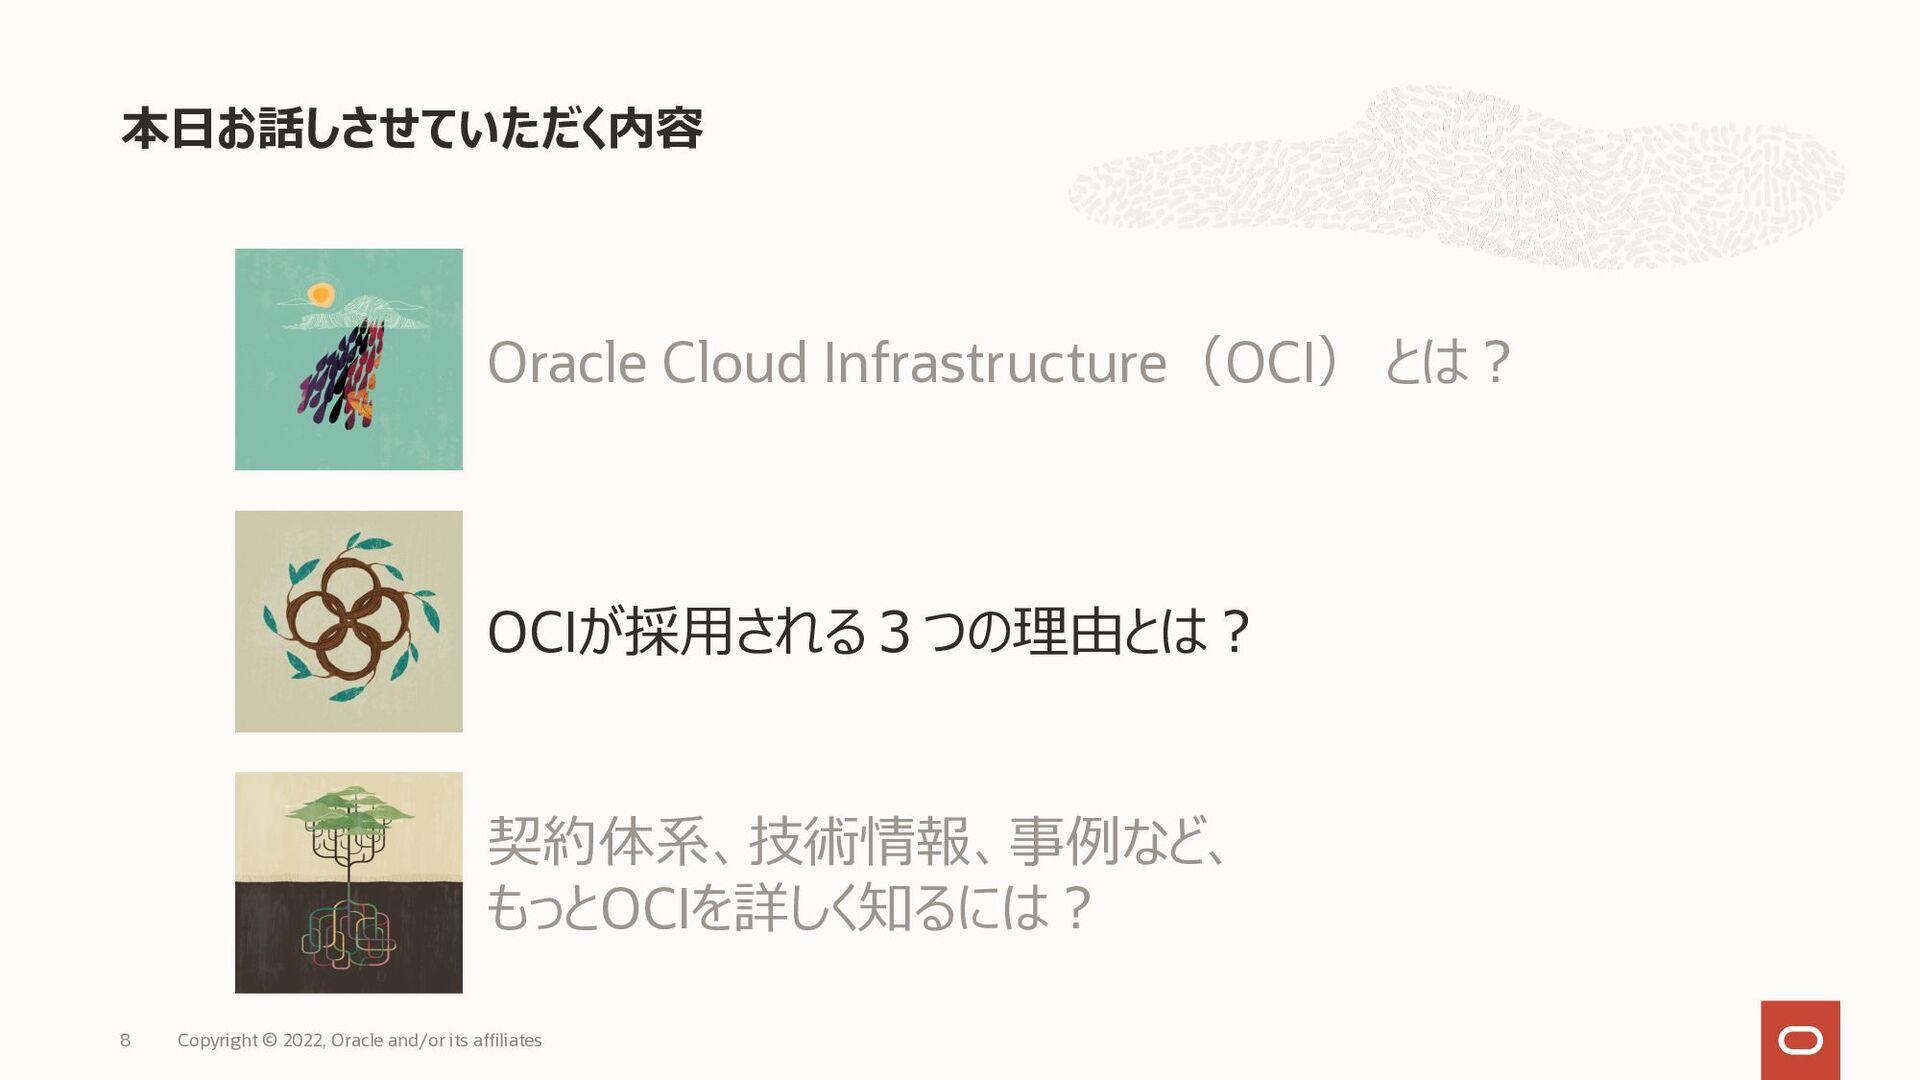 Oracle Cloud Infrastructure (PaaS/IaaS) & Oracl...